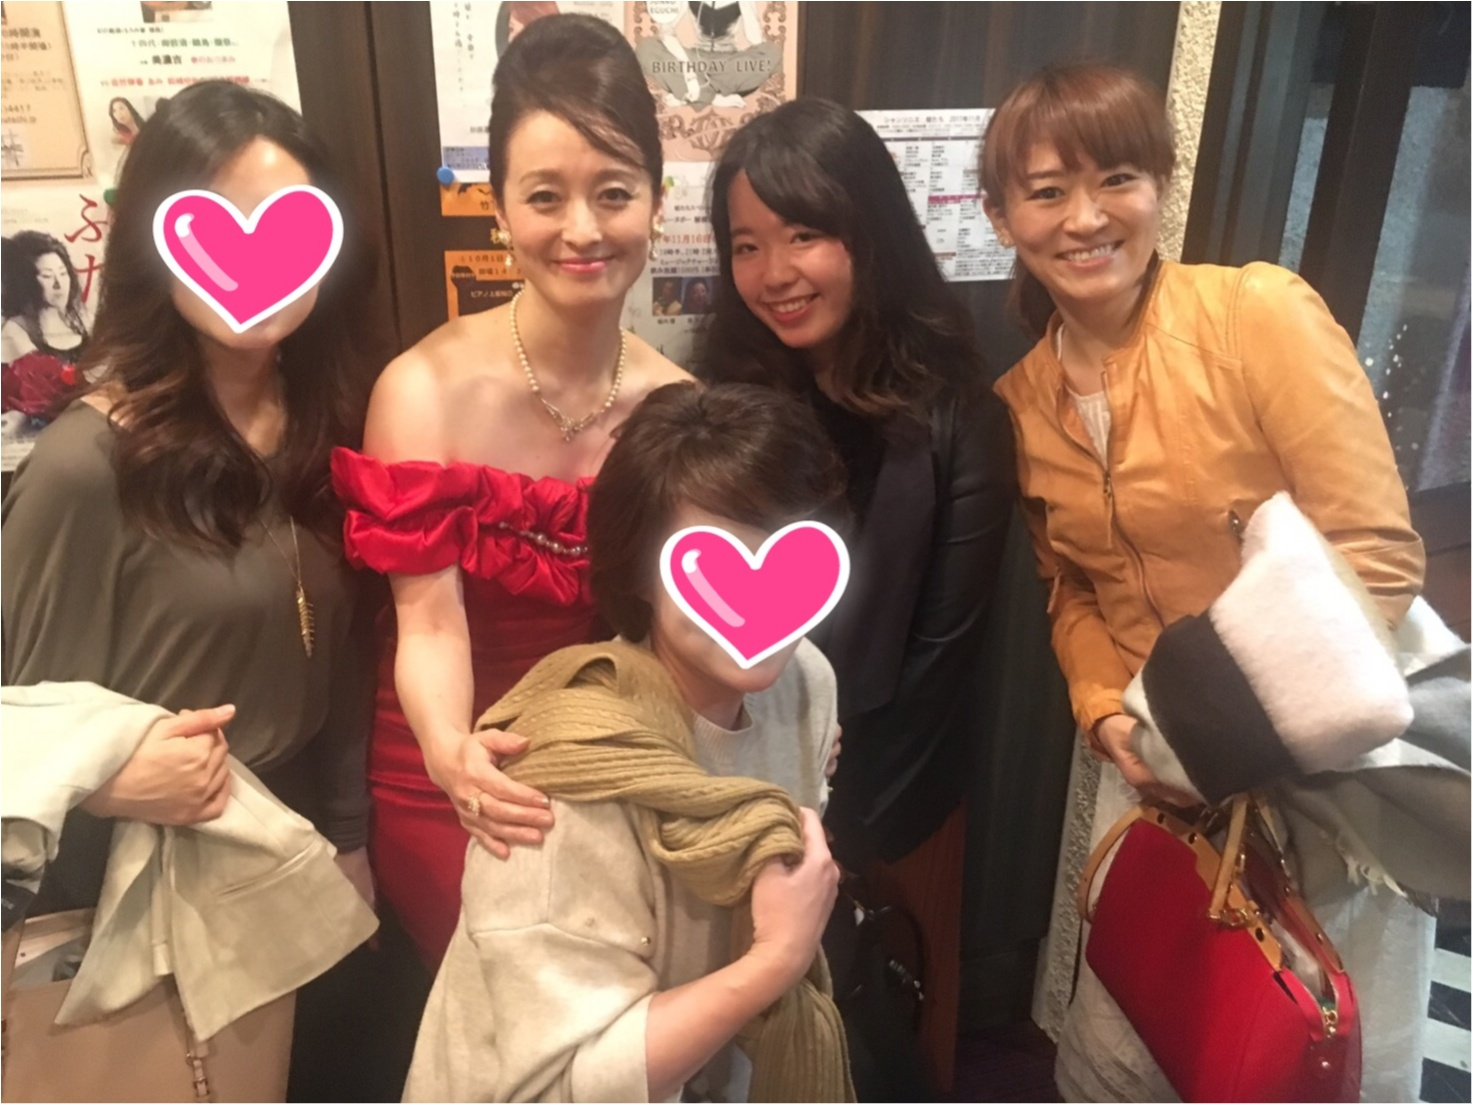 【シャンソン】元宝塚歌劇団・月影瞳さんのソロコンサートに行ってきました♡_7